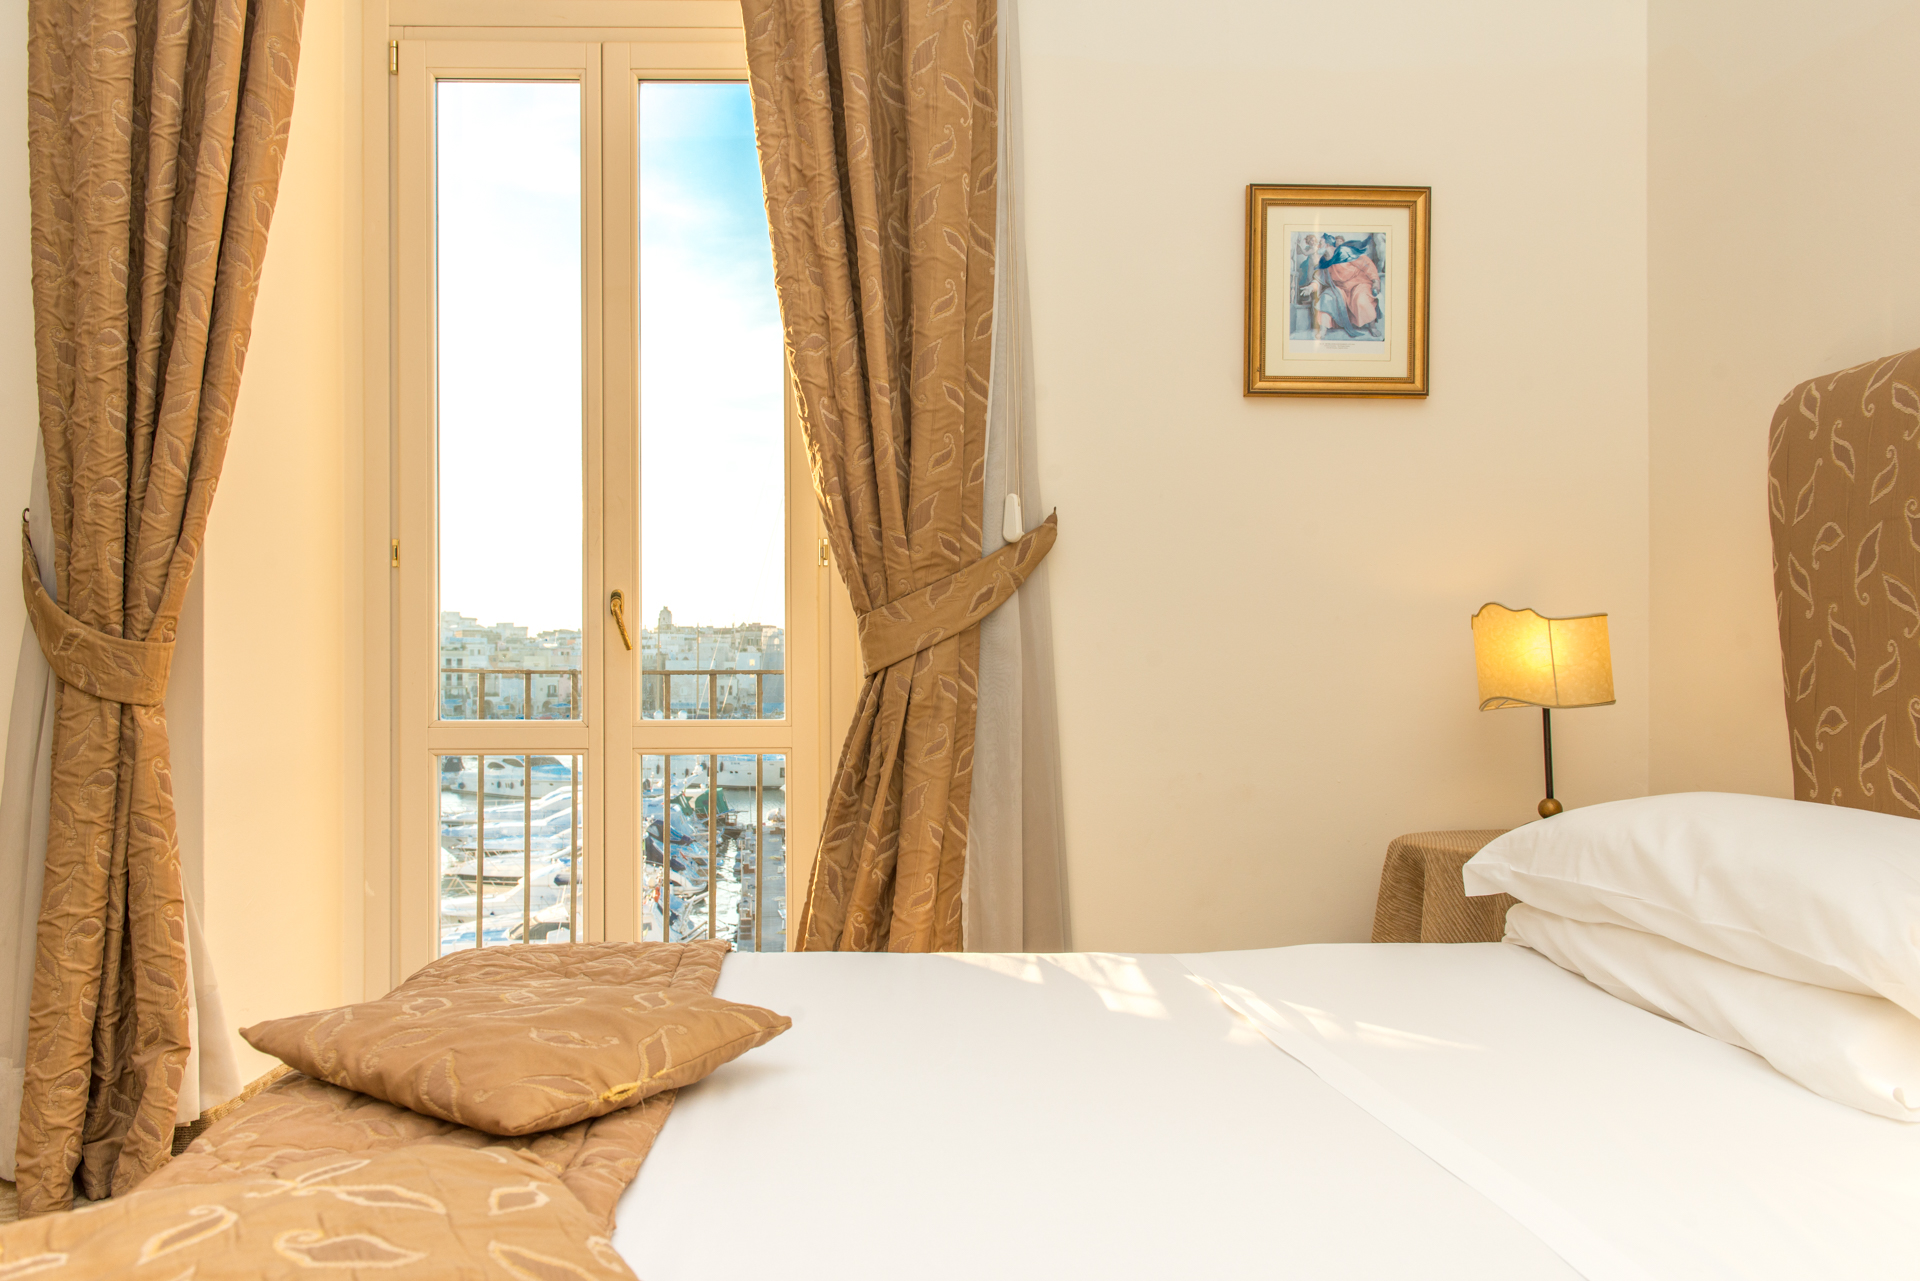 Hotel San Paolo al Convento - Trani_-9